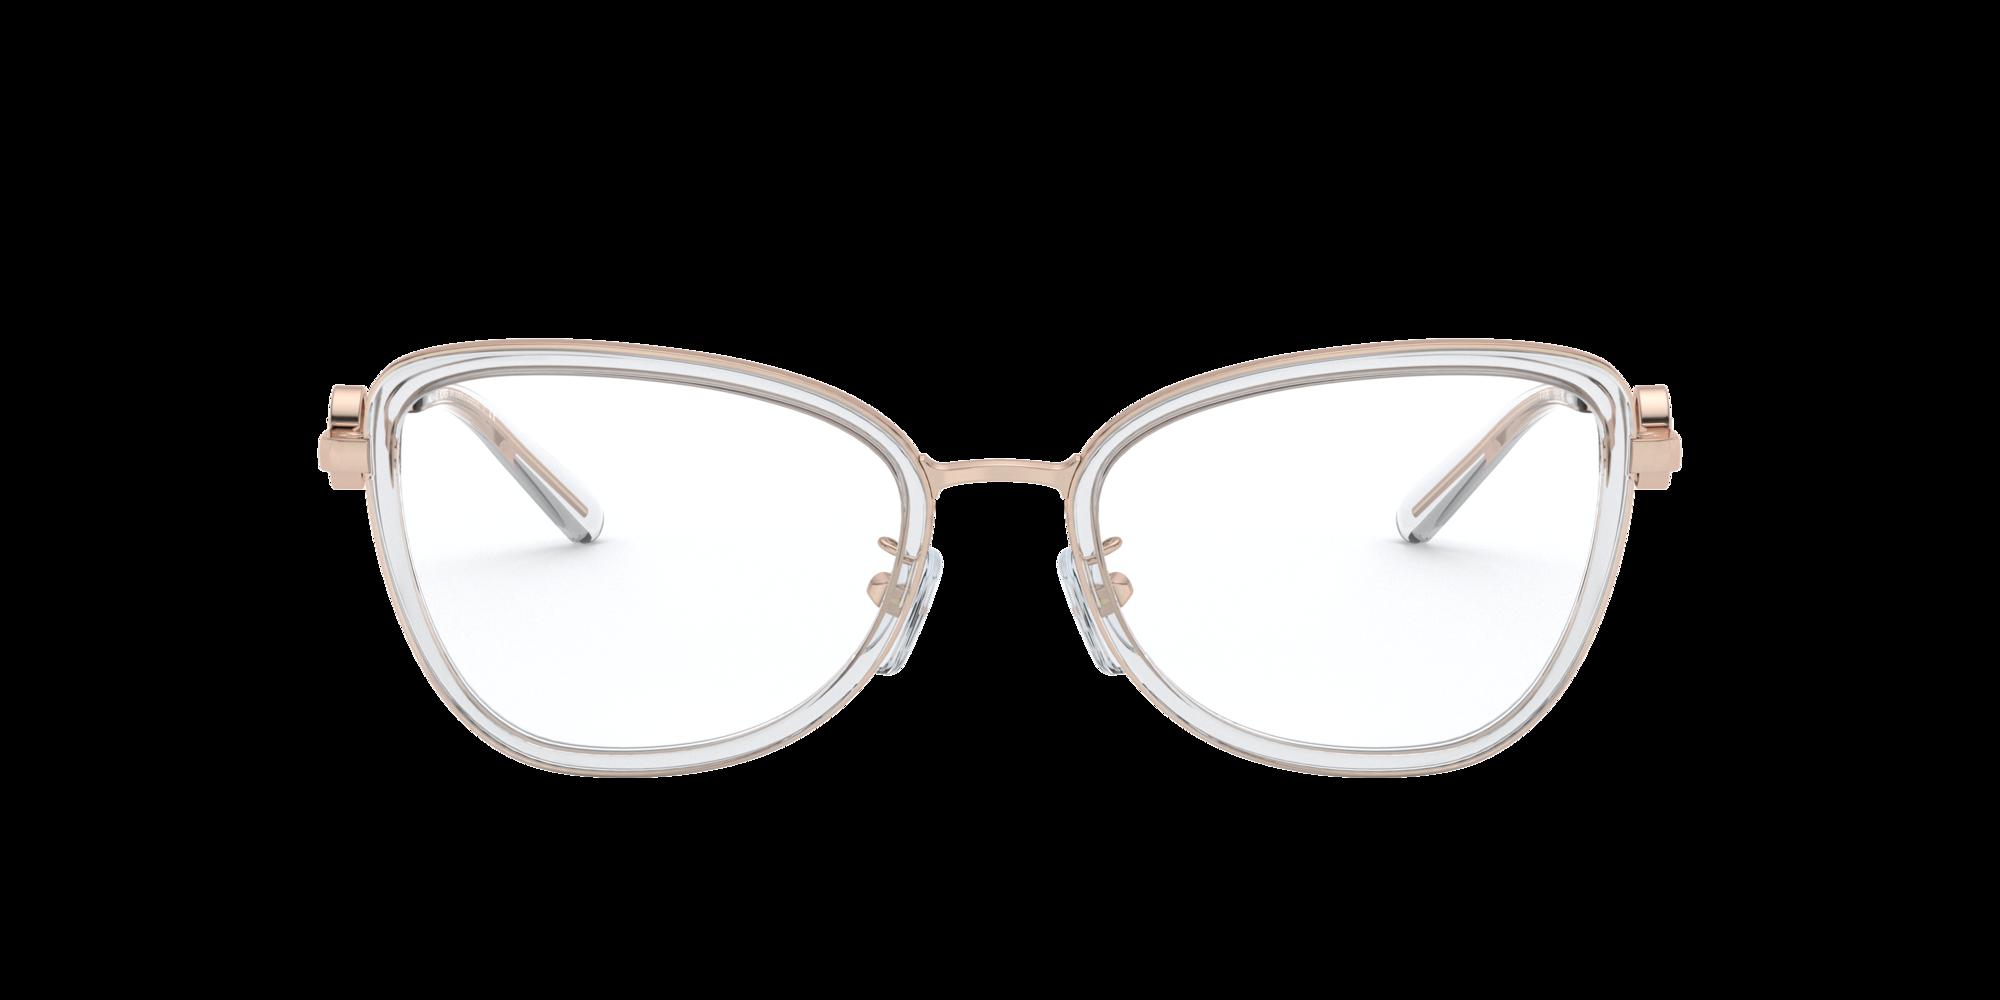 Imagen para MK3042B FLORENCE de LensCrafters    Espejuelos, espejuelos graduados en línea, gafas